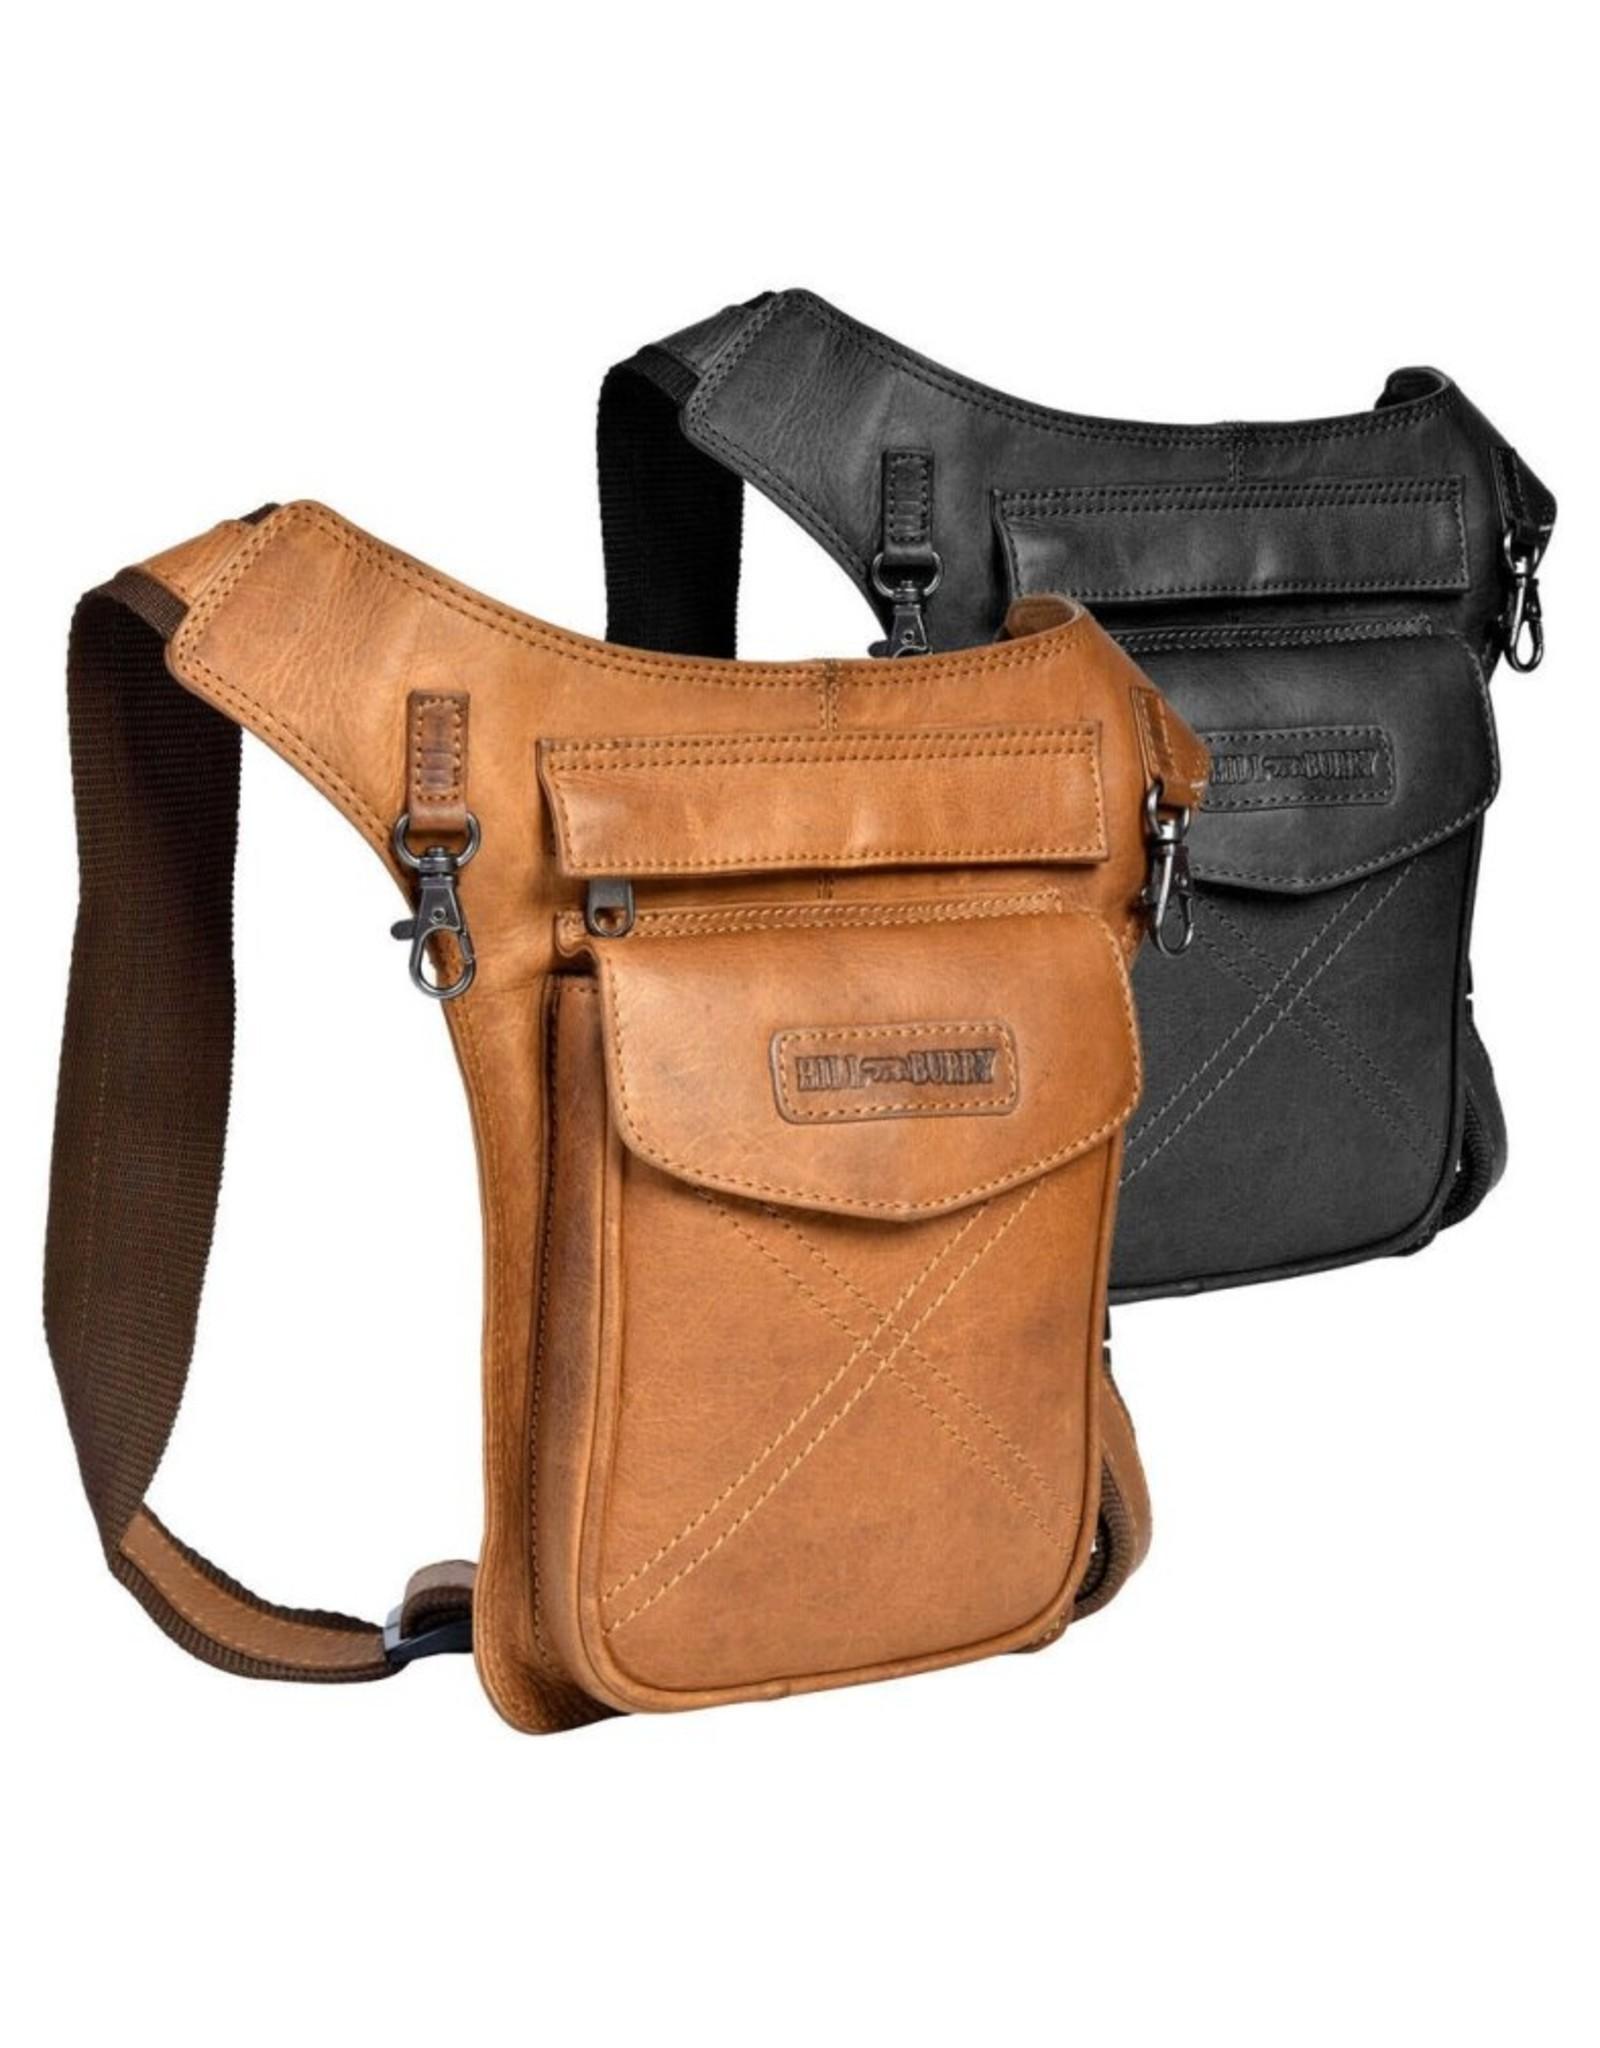 HillBurry Leather bags - Leather Waist Bag HillBurry 3113cg